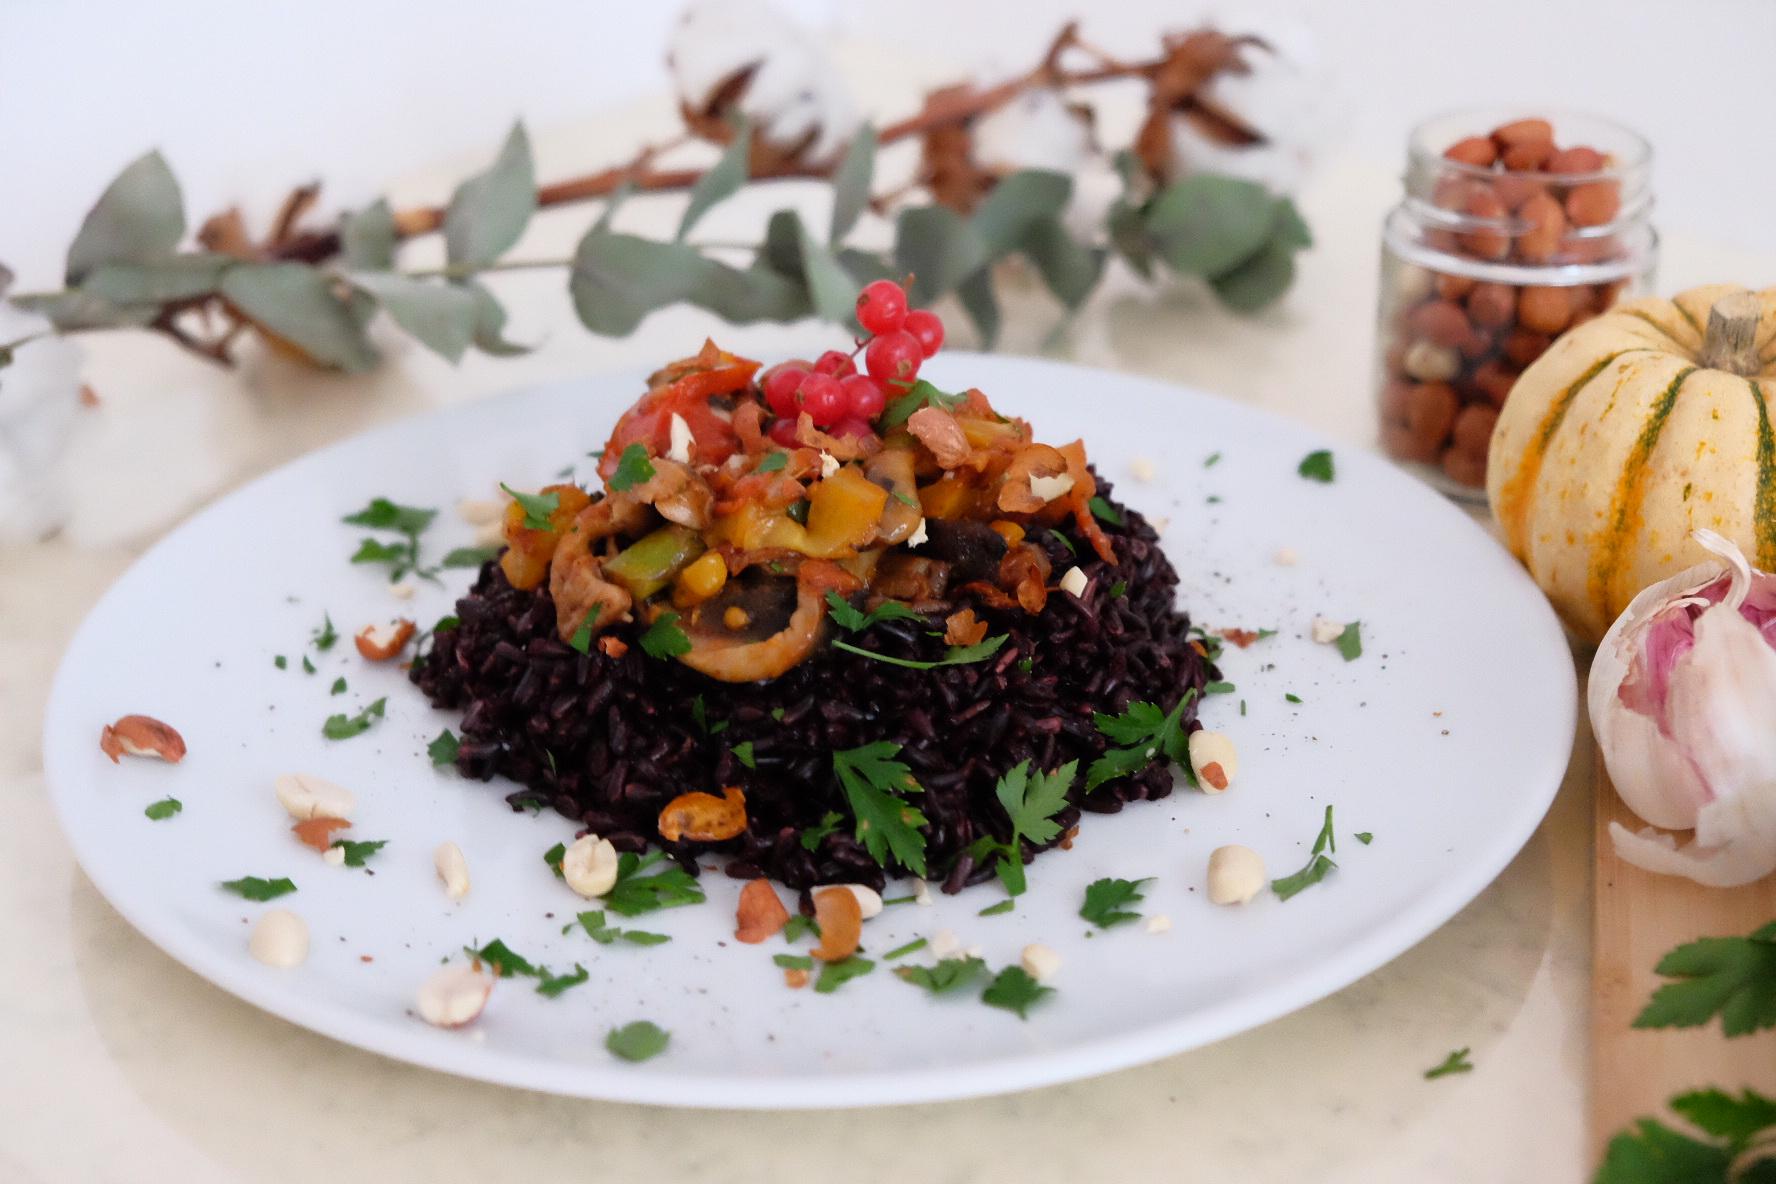 Veggie black rice